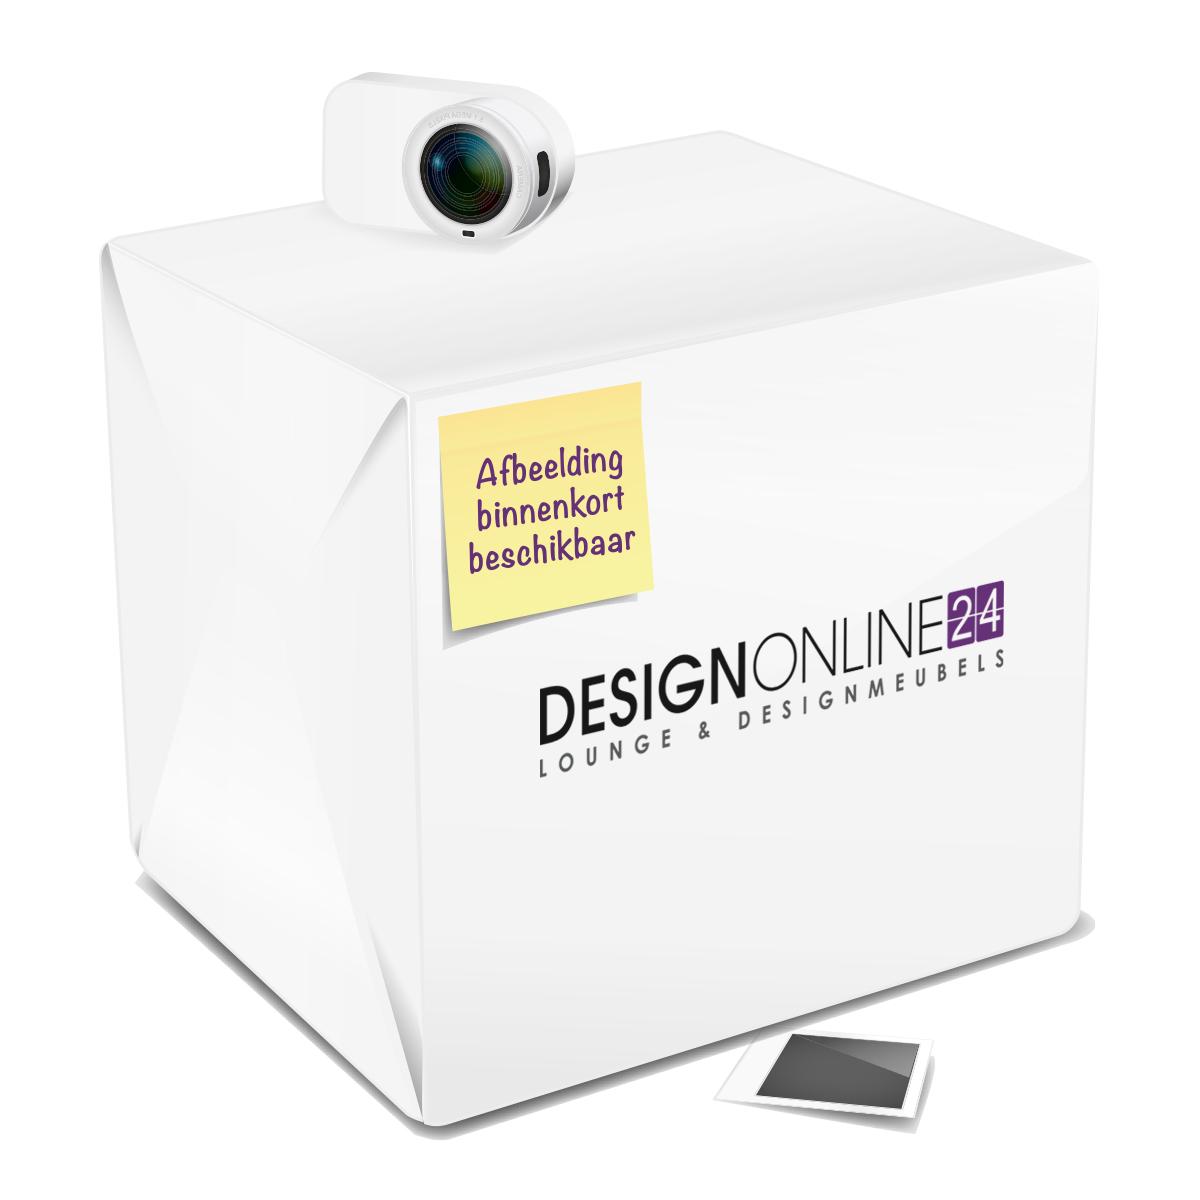 24Designs 24Designs Loungeset voor 4 Personen - Marina - Bruin Polyrattan Wicker met Donkergrijze kussens